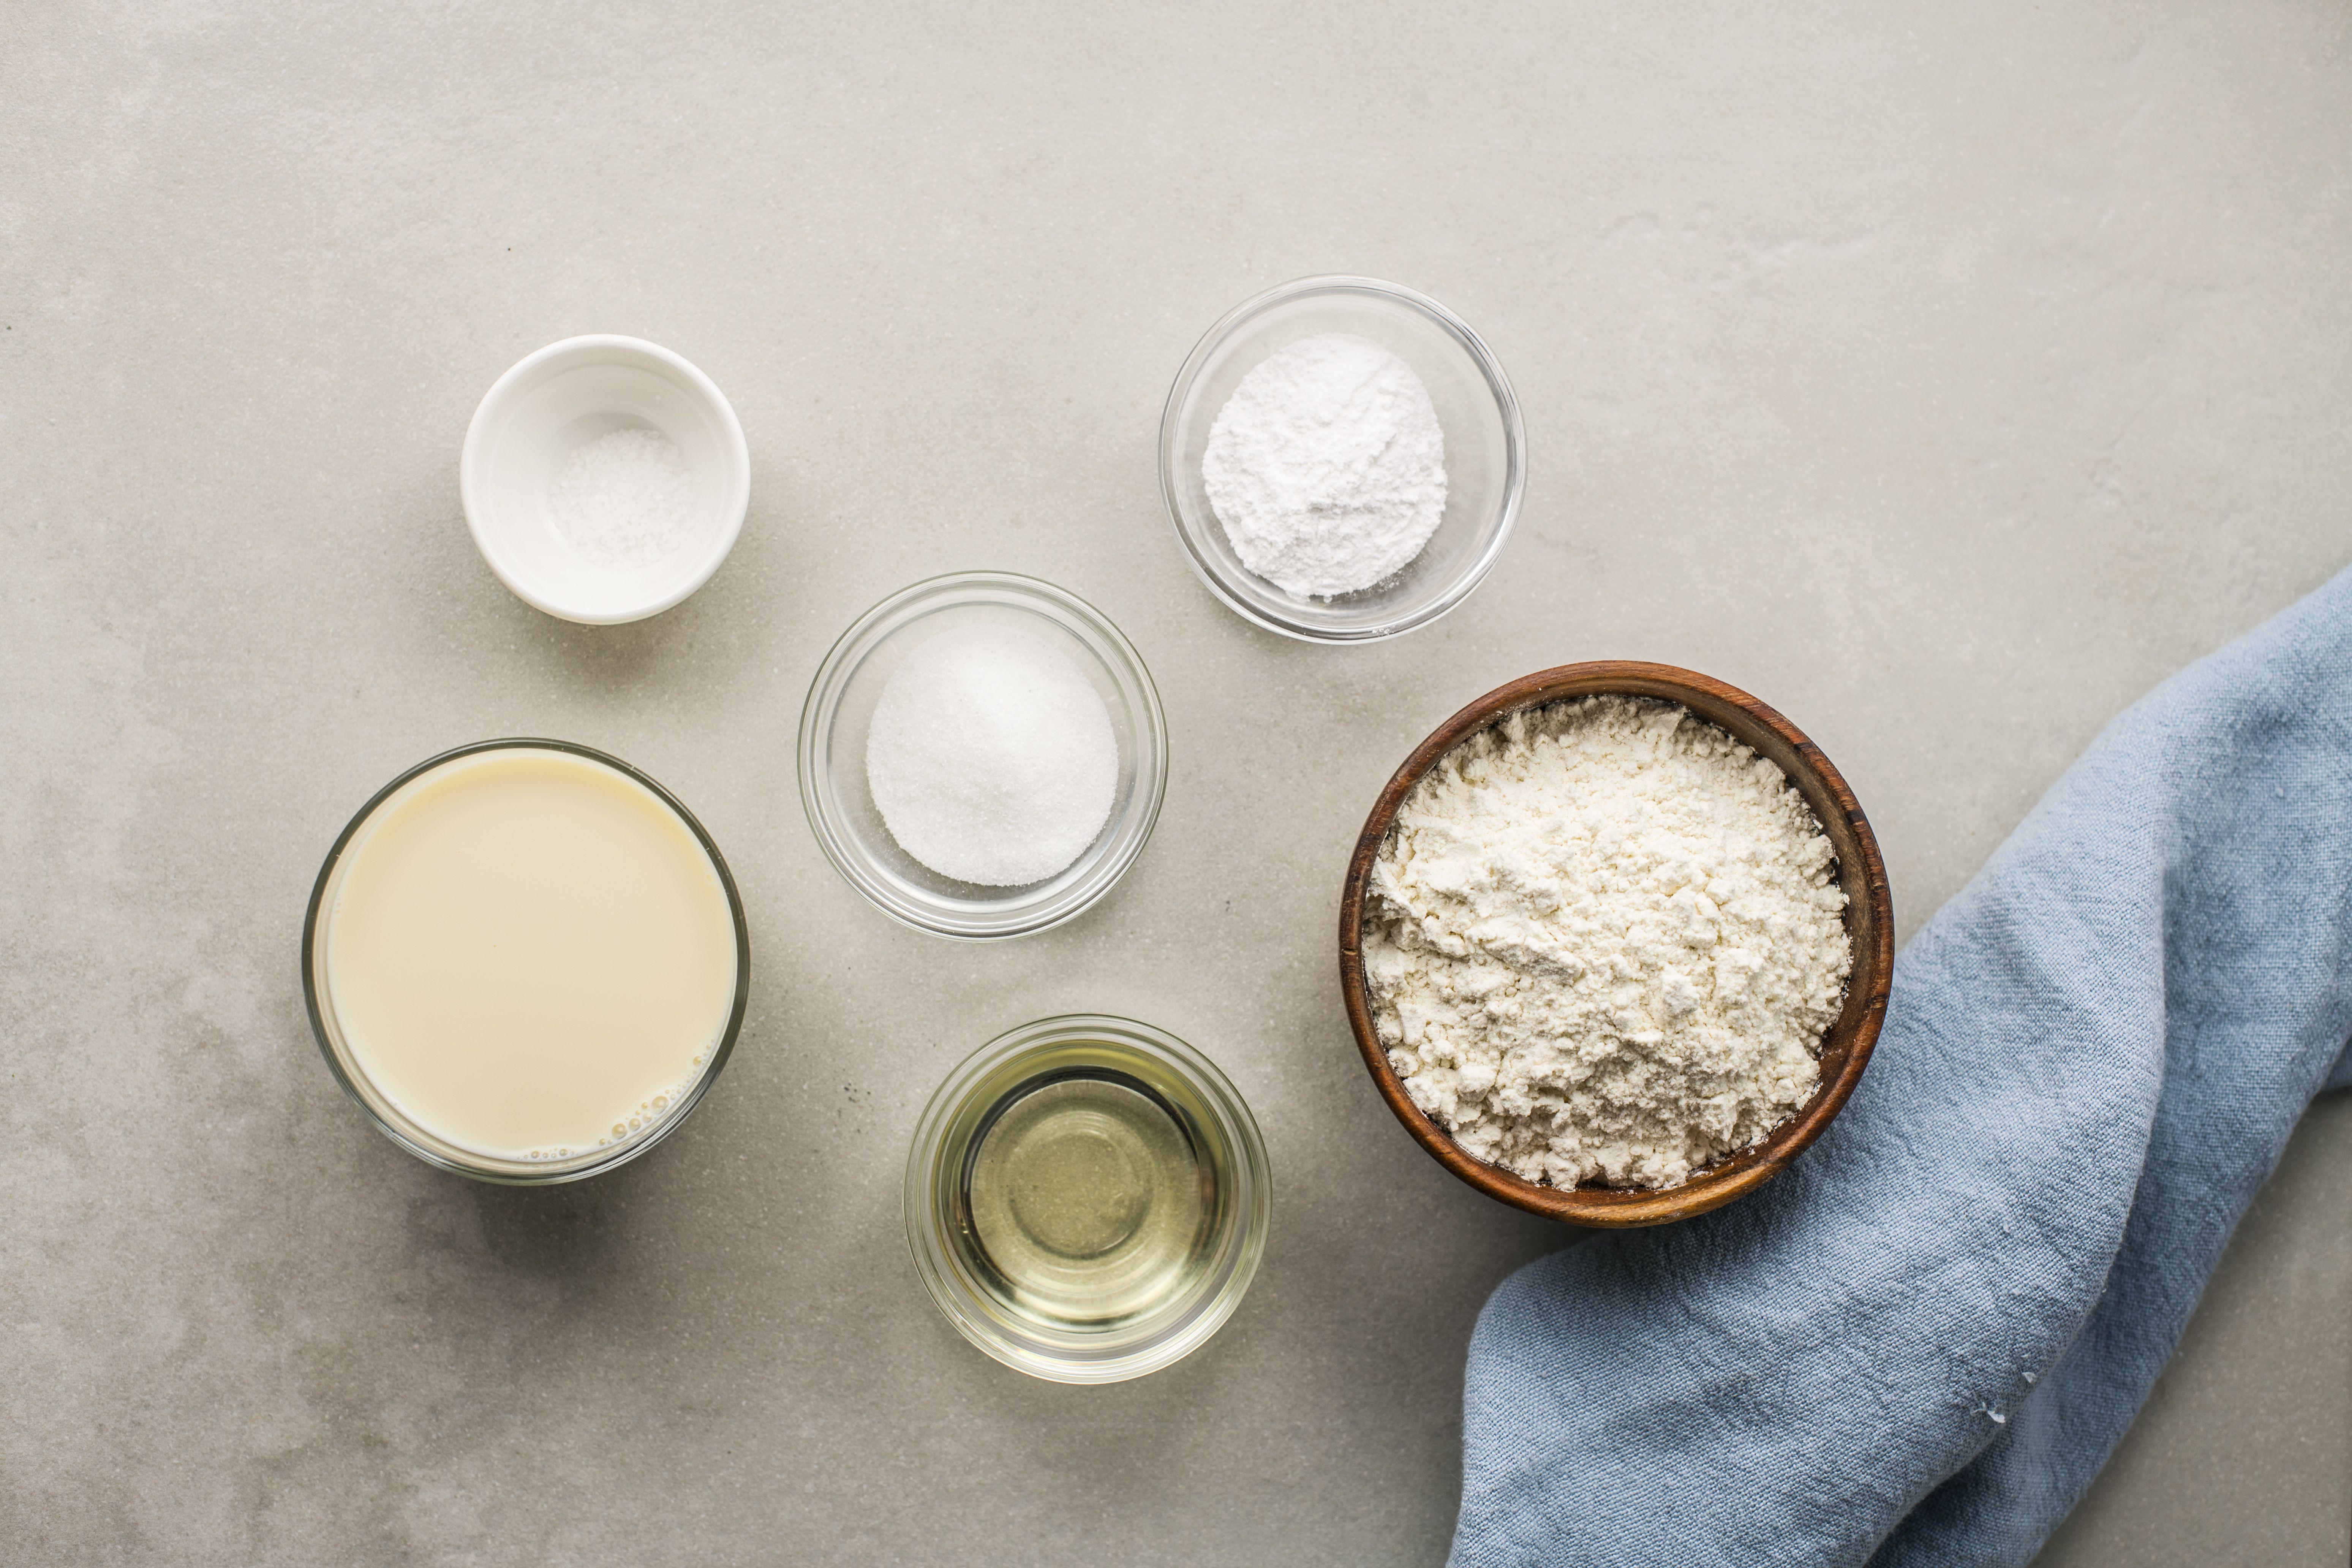 Ingredients for vegan pancakes